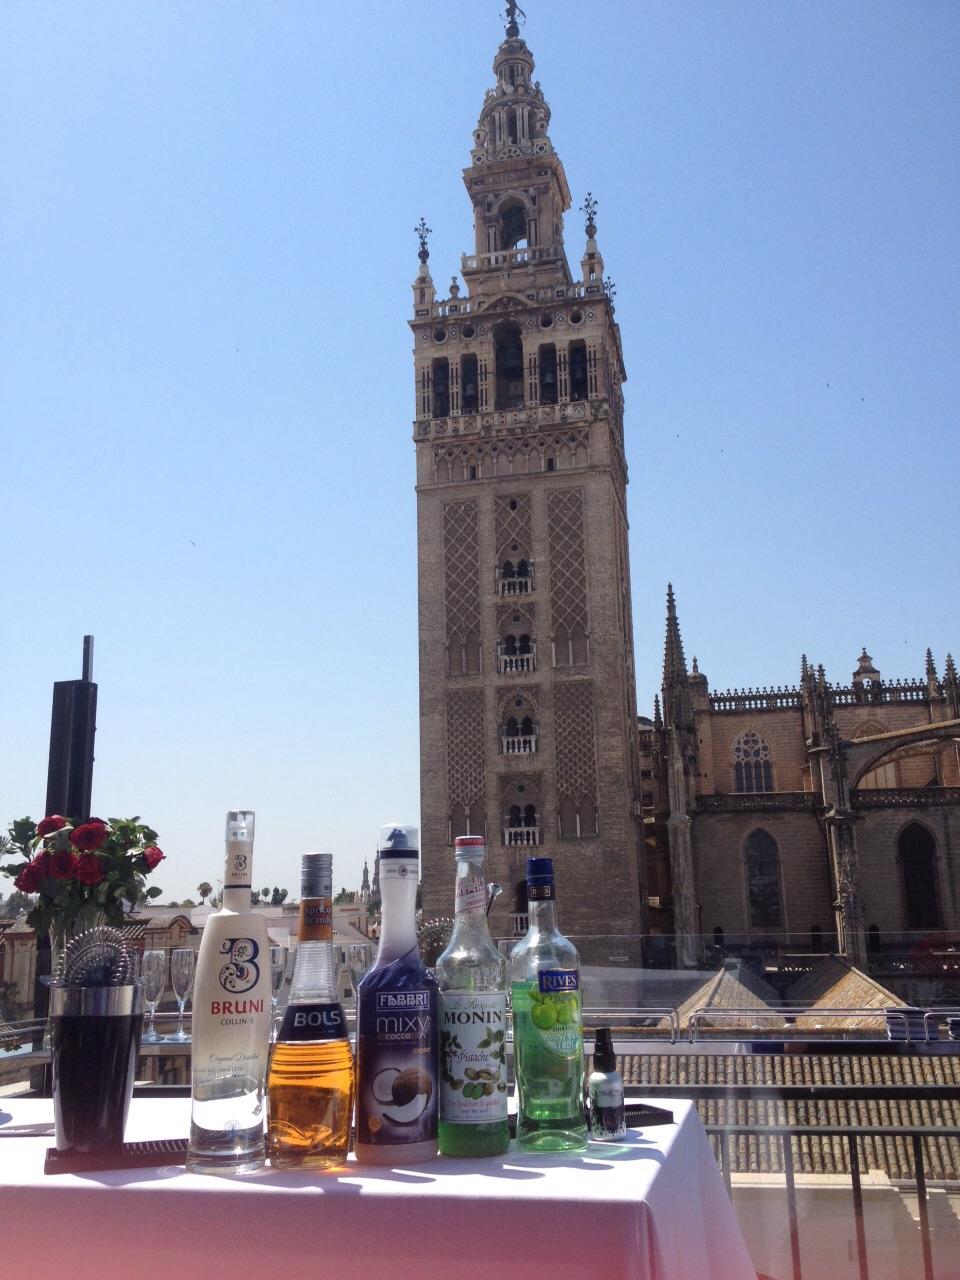 Inauguraci n de la terraza del hotel eme el tapeador ir de tapas por sevilla - Terraza hotel eme ...